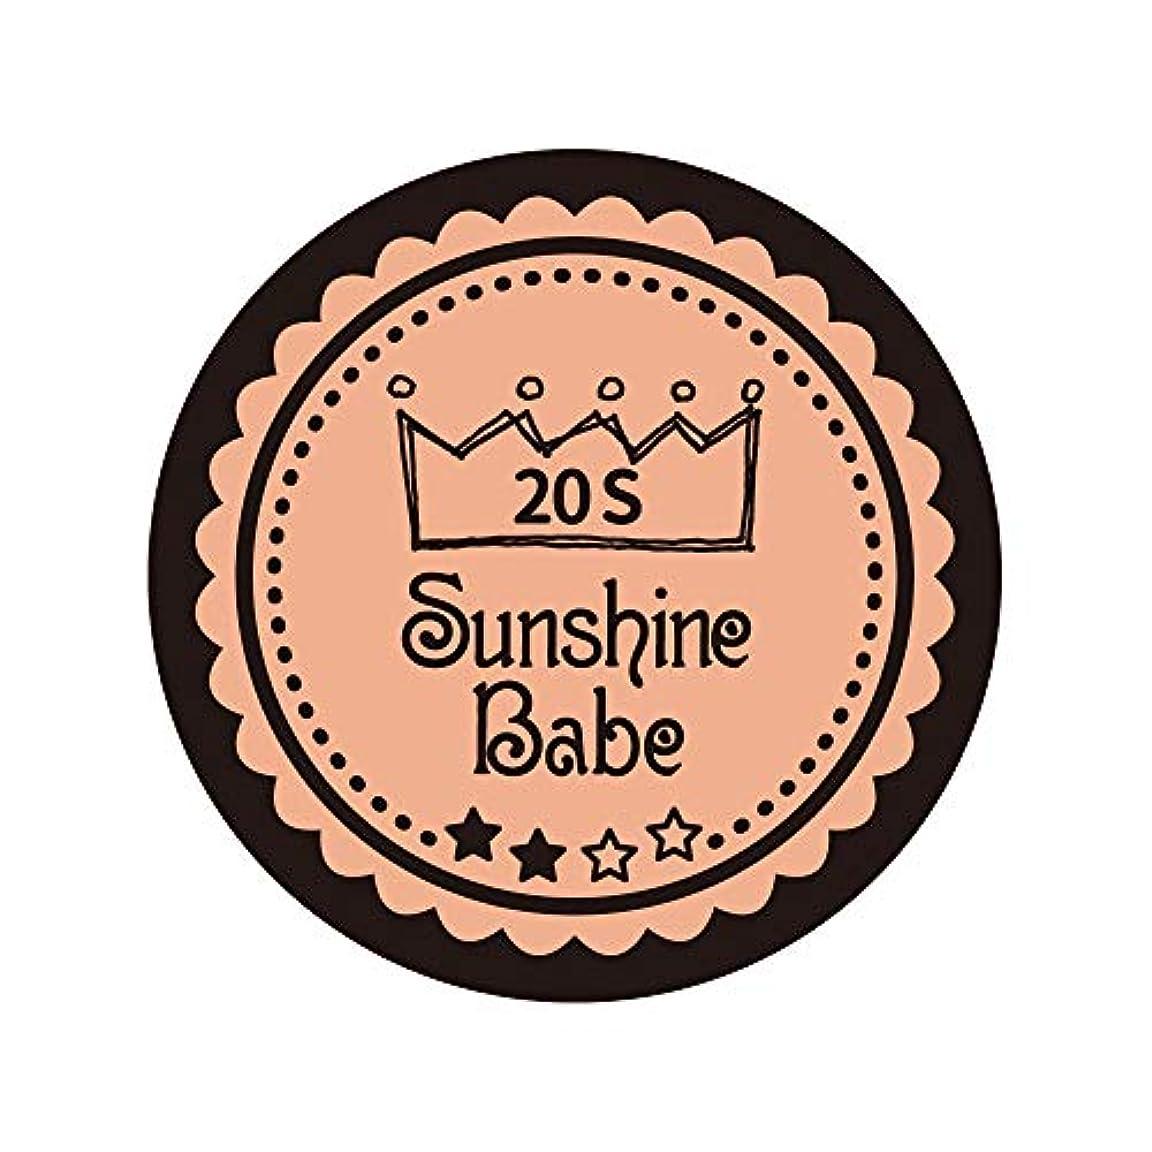 コーヒー魔術師そのようなSunshine Babe カラージェル 20S ヌーディベージュ 2.7g UV/LED対応